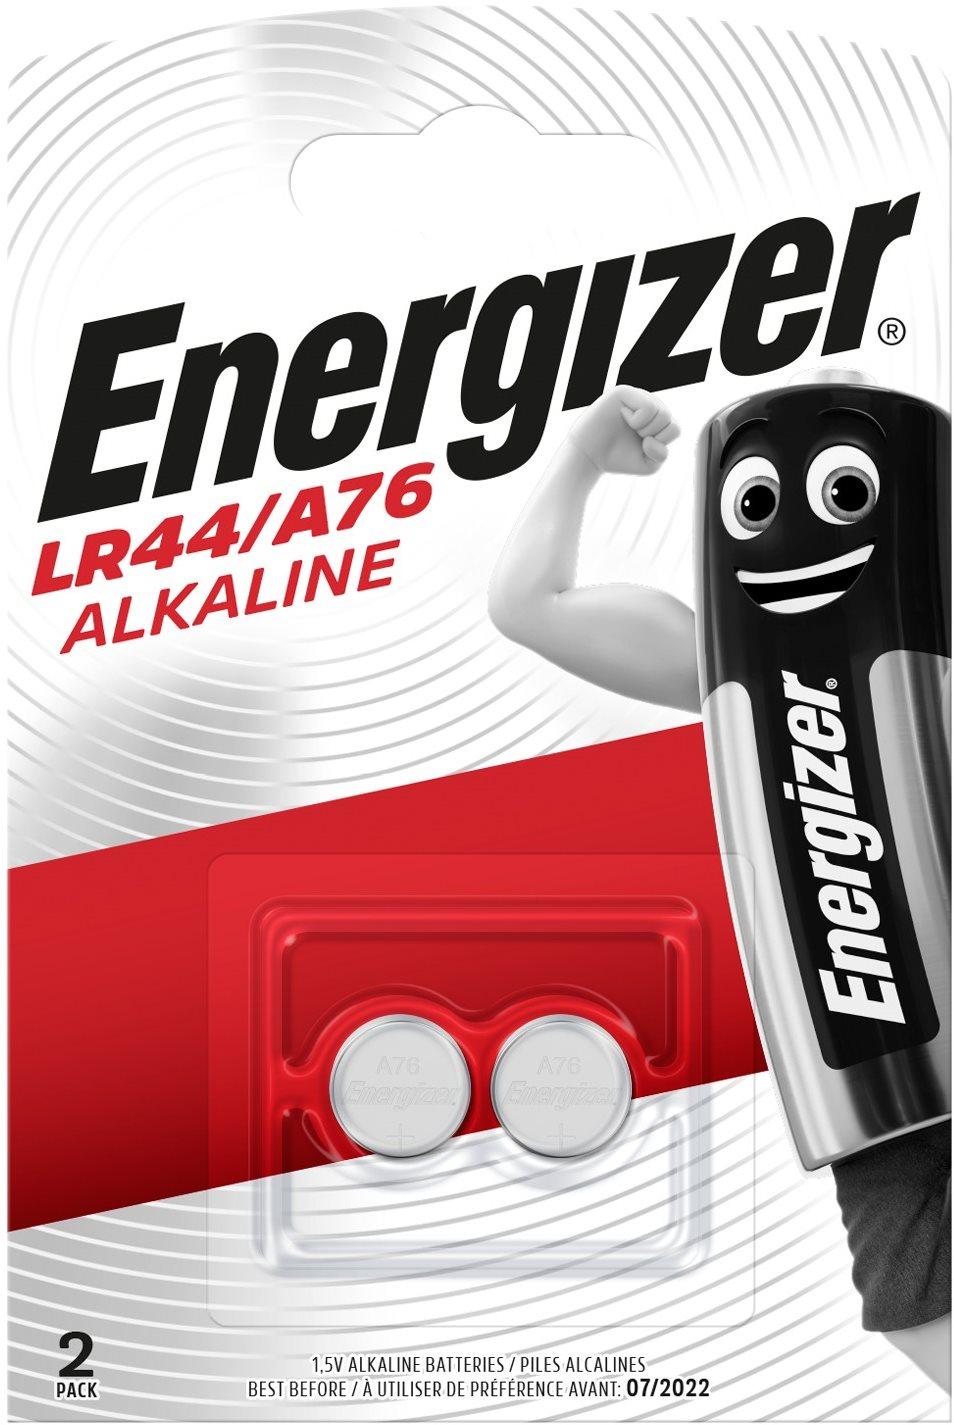 Energizer Speciális alkáli elem LR44/A76 2 db